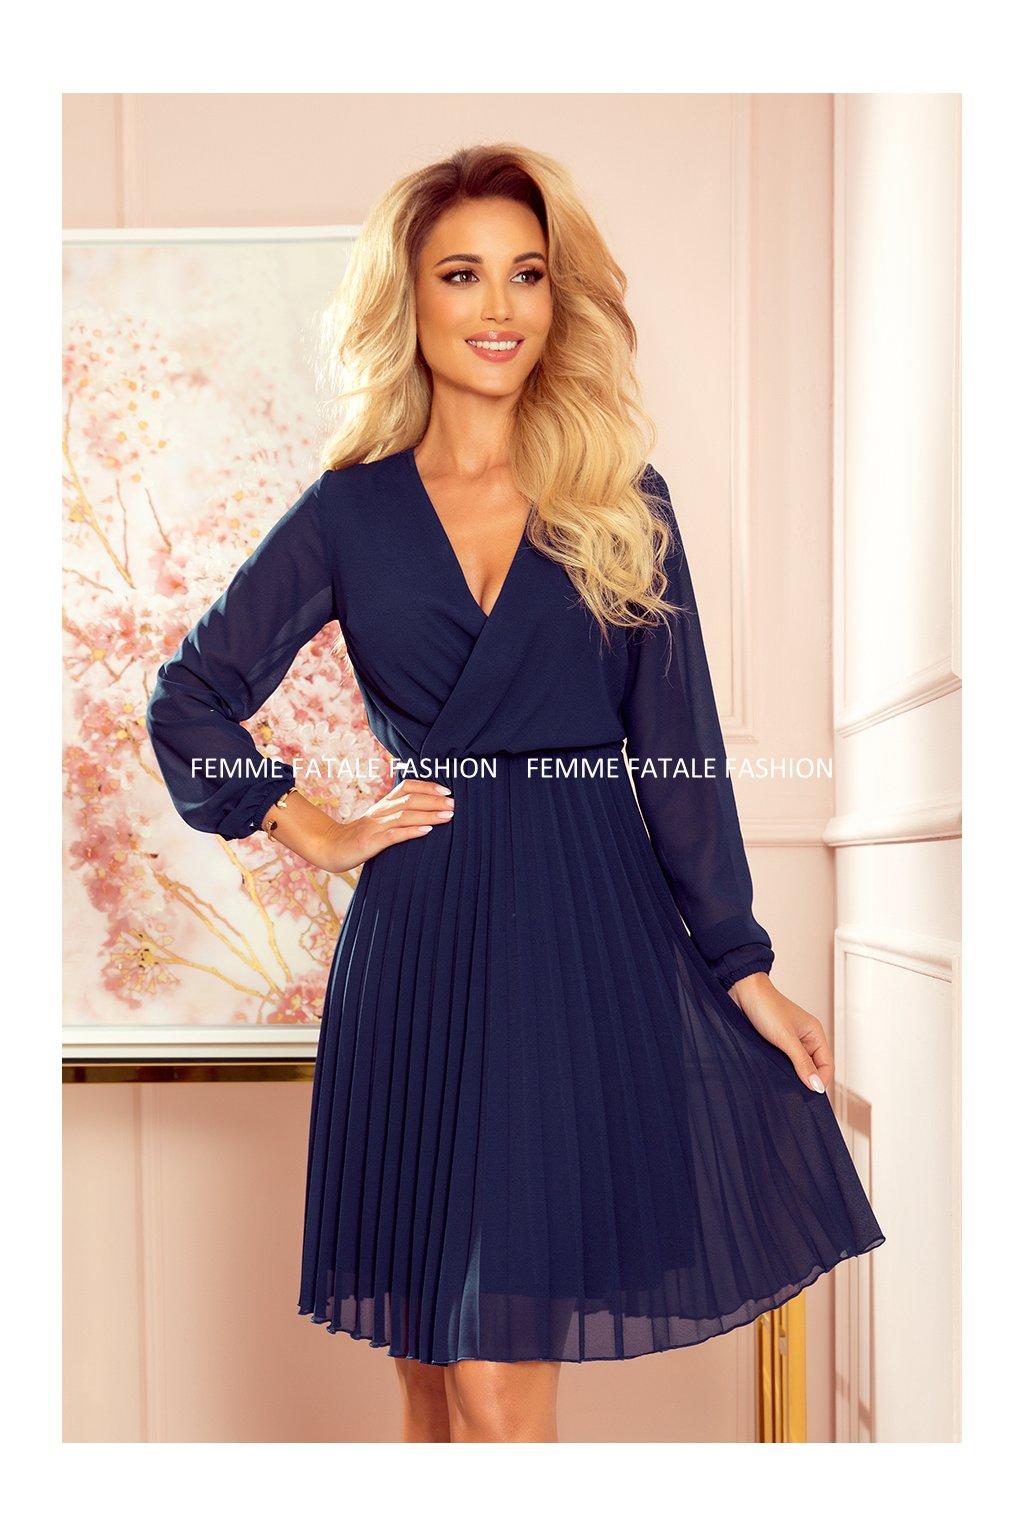 Dámské společenské šaty ISABELLE femmefatalefashion (1)